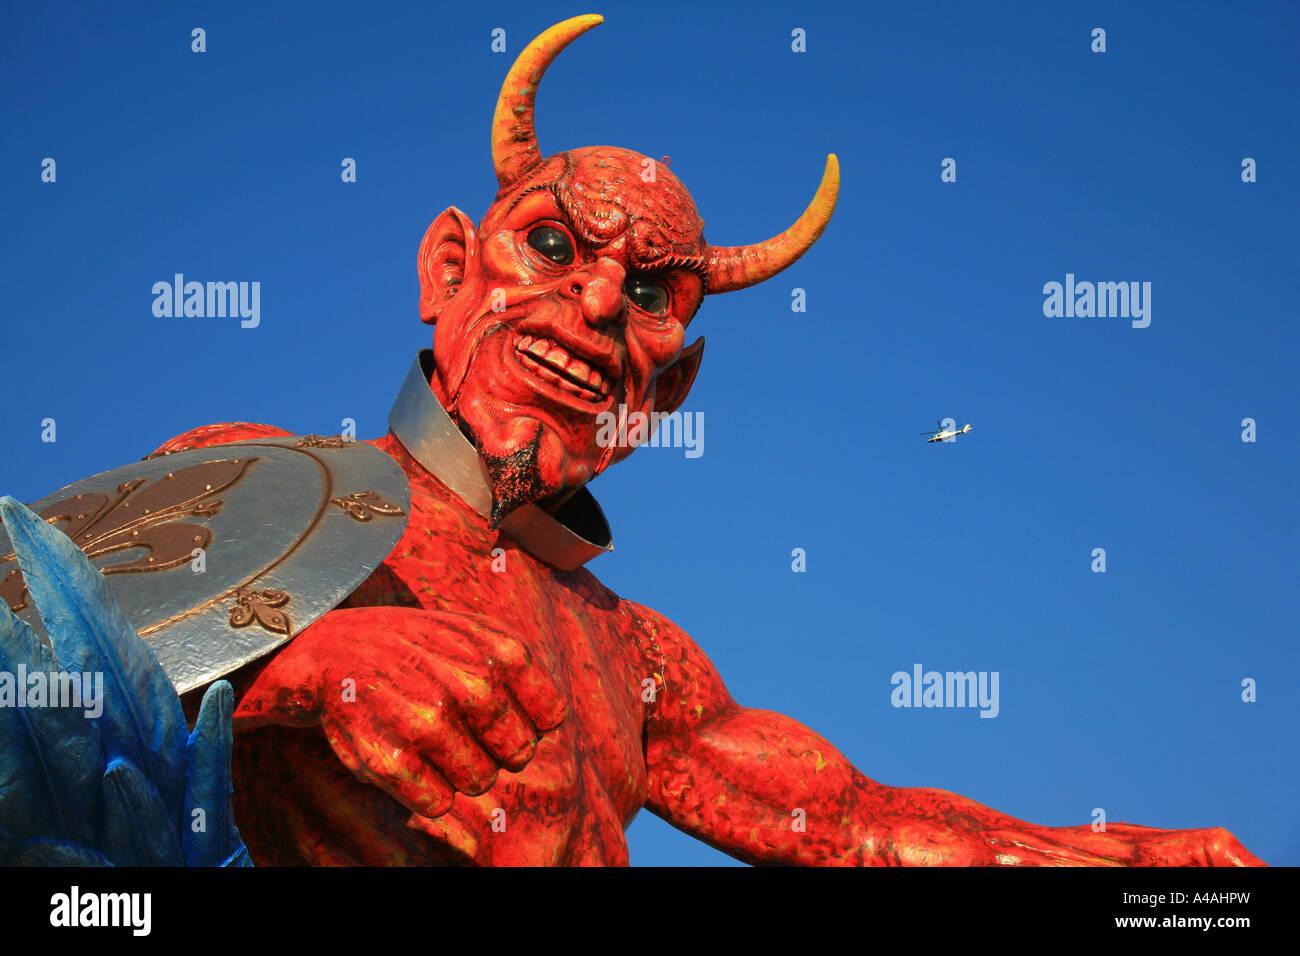 Devil mask Carnival 2007 Viareggio Tuscany Italy - Stock Image